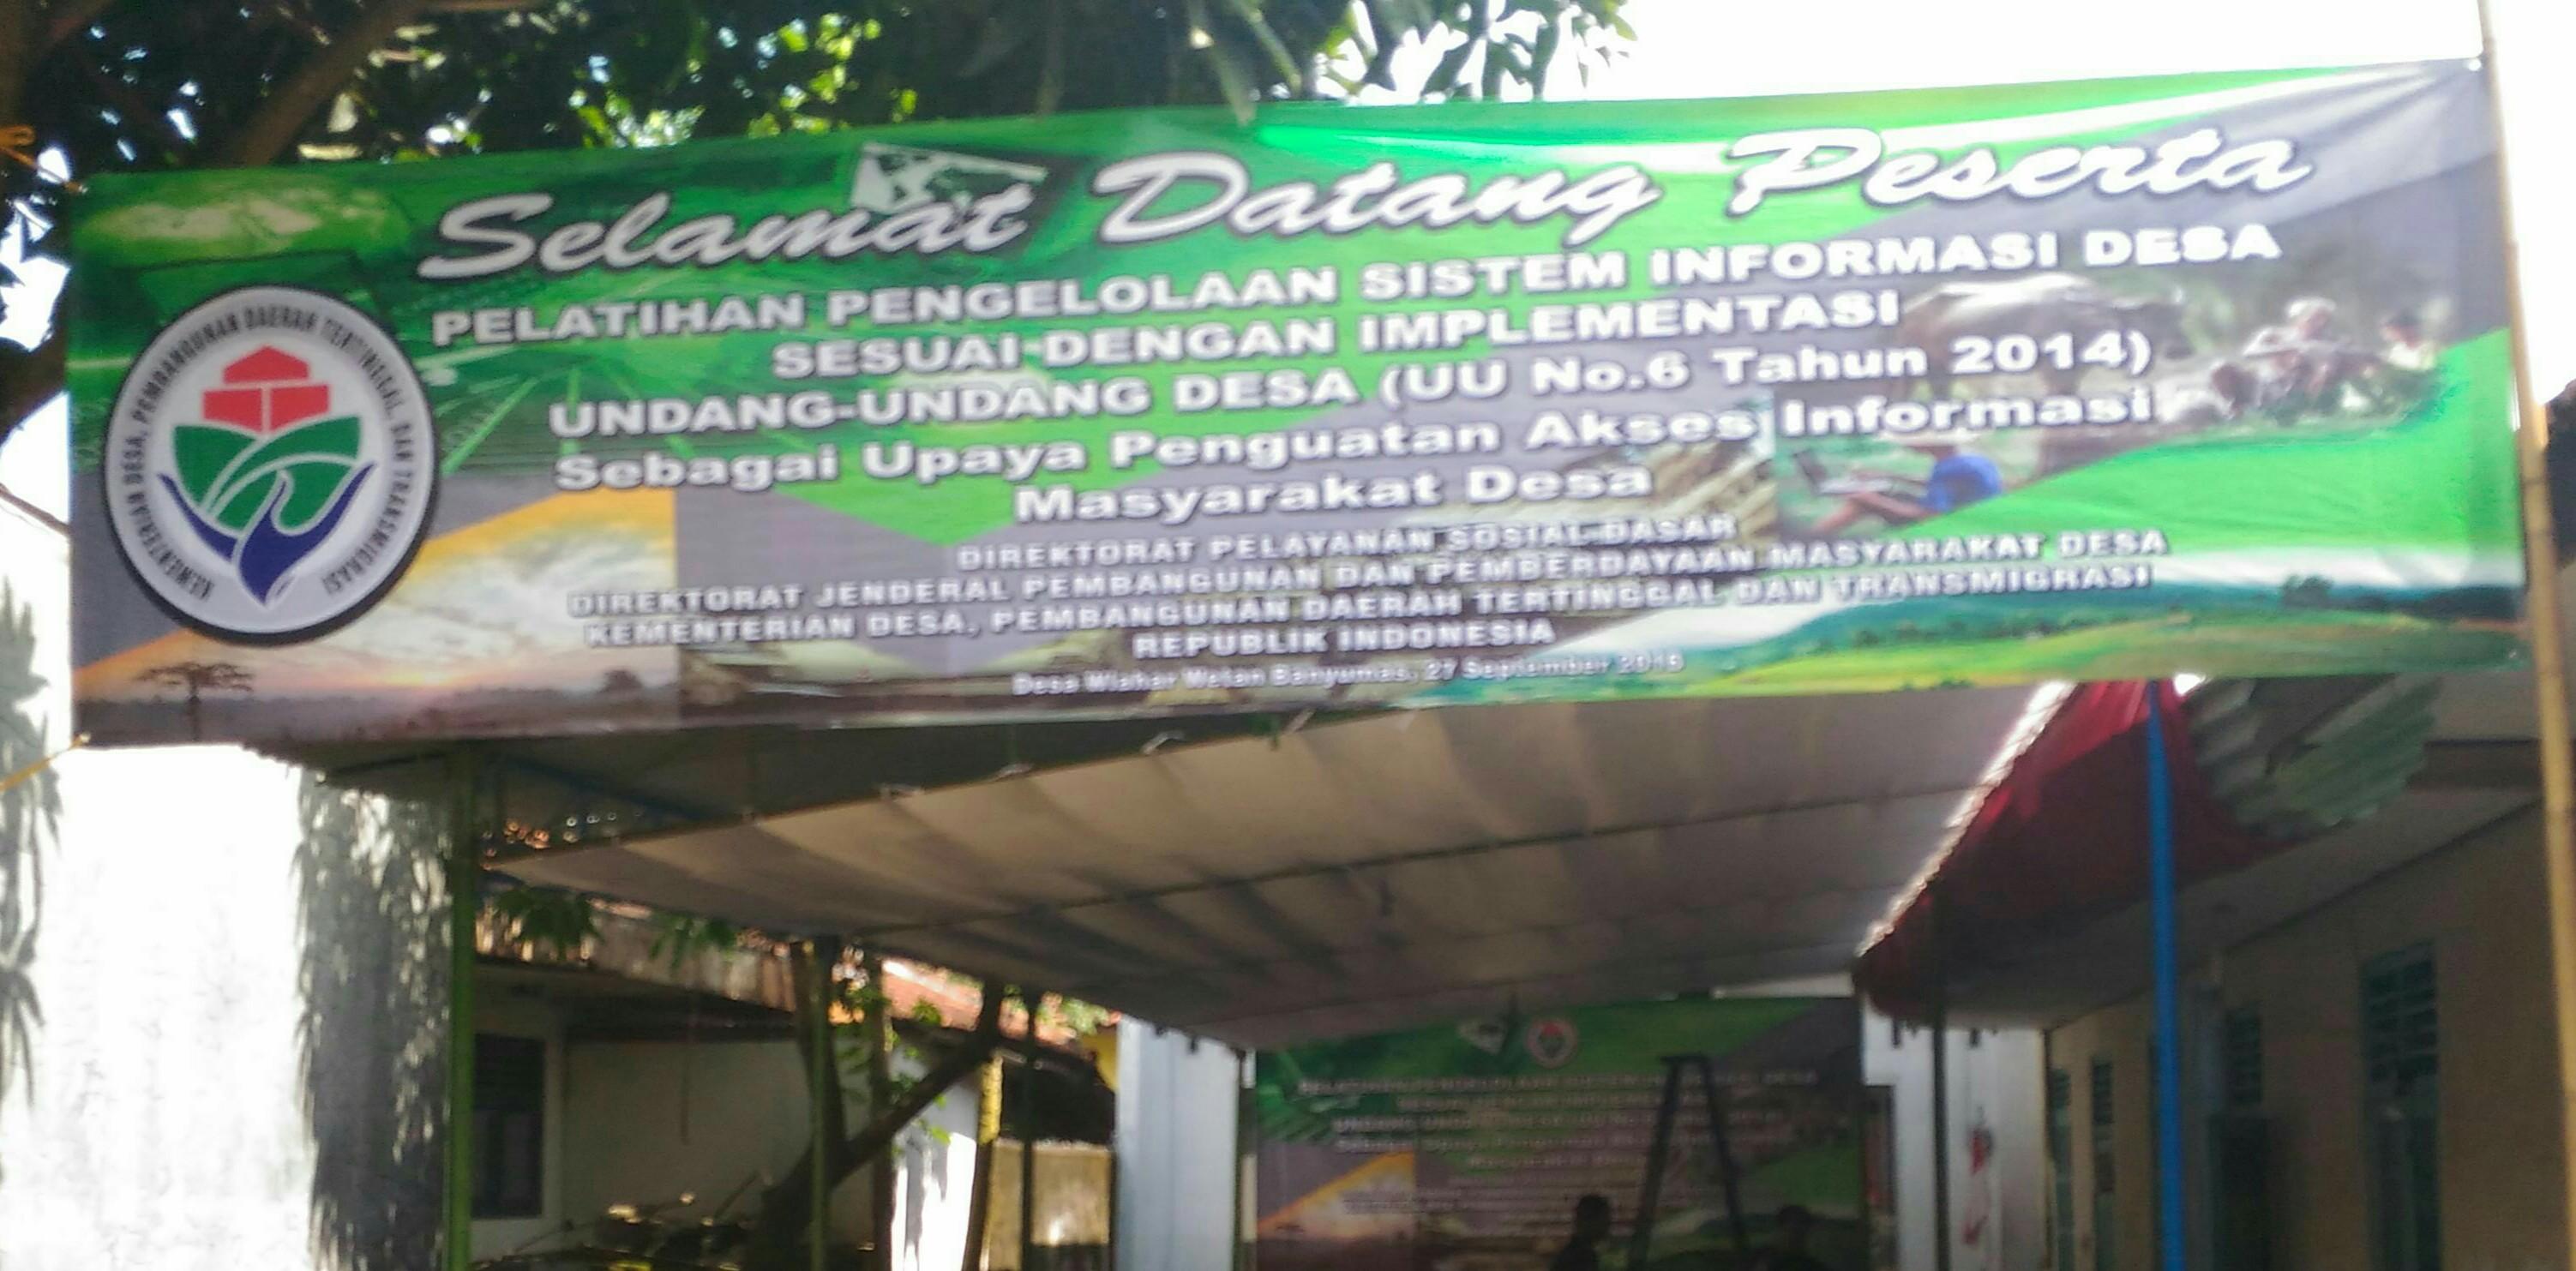 Kemendes Menyelenggarakan Pelatihan Sistem Informasi Desa di Wlahar Wetan